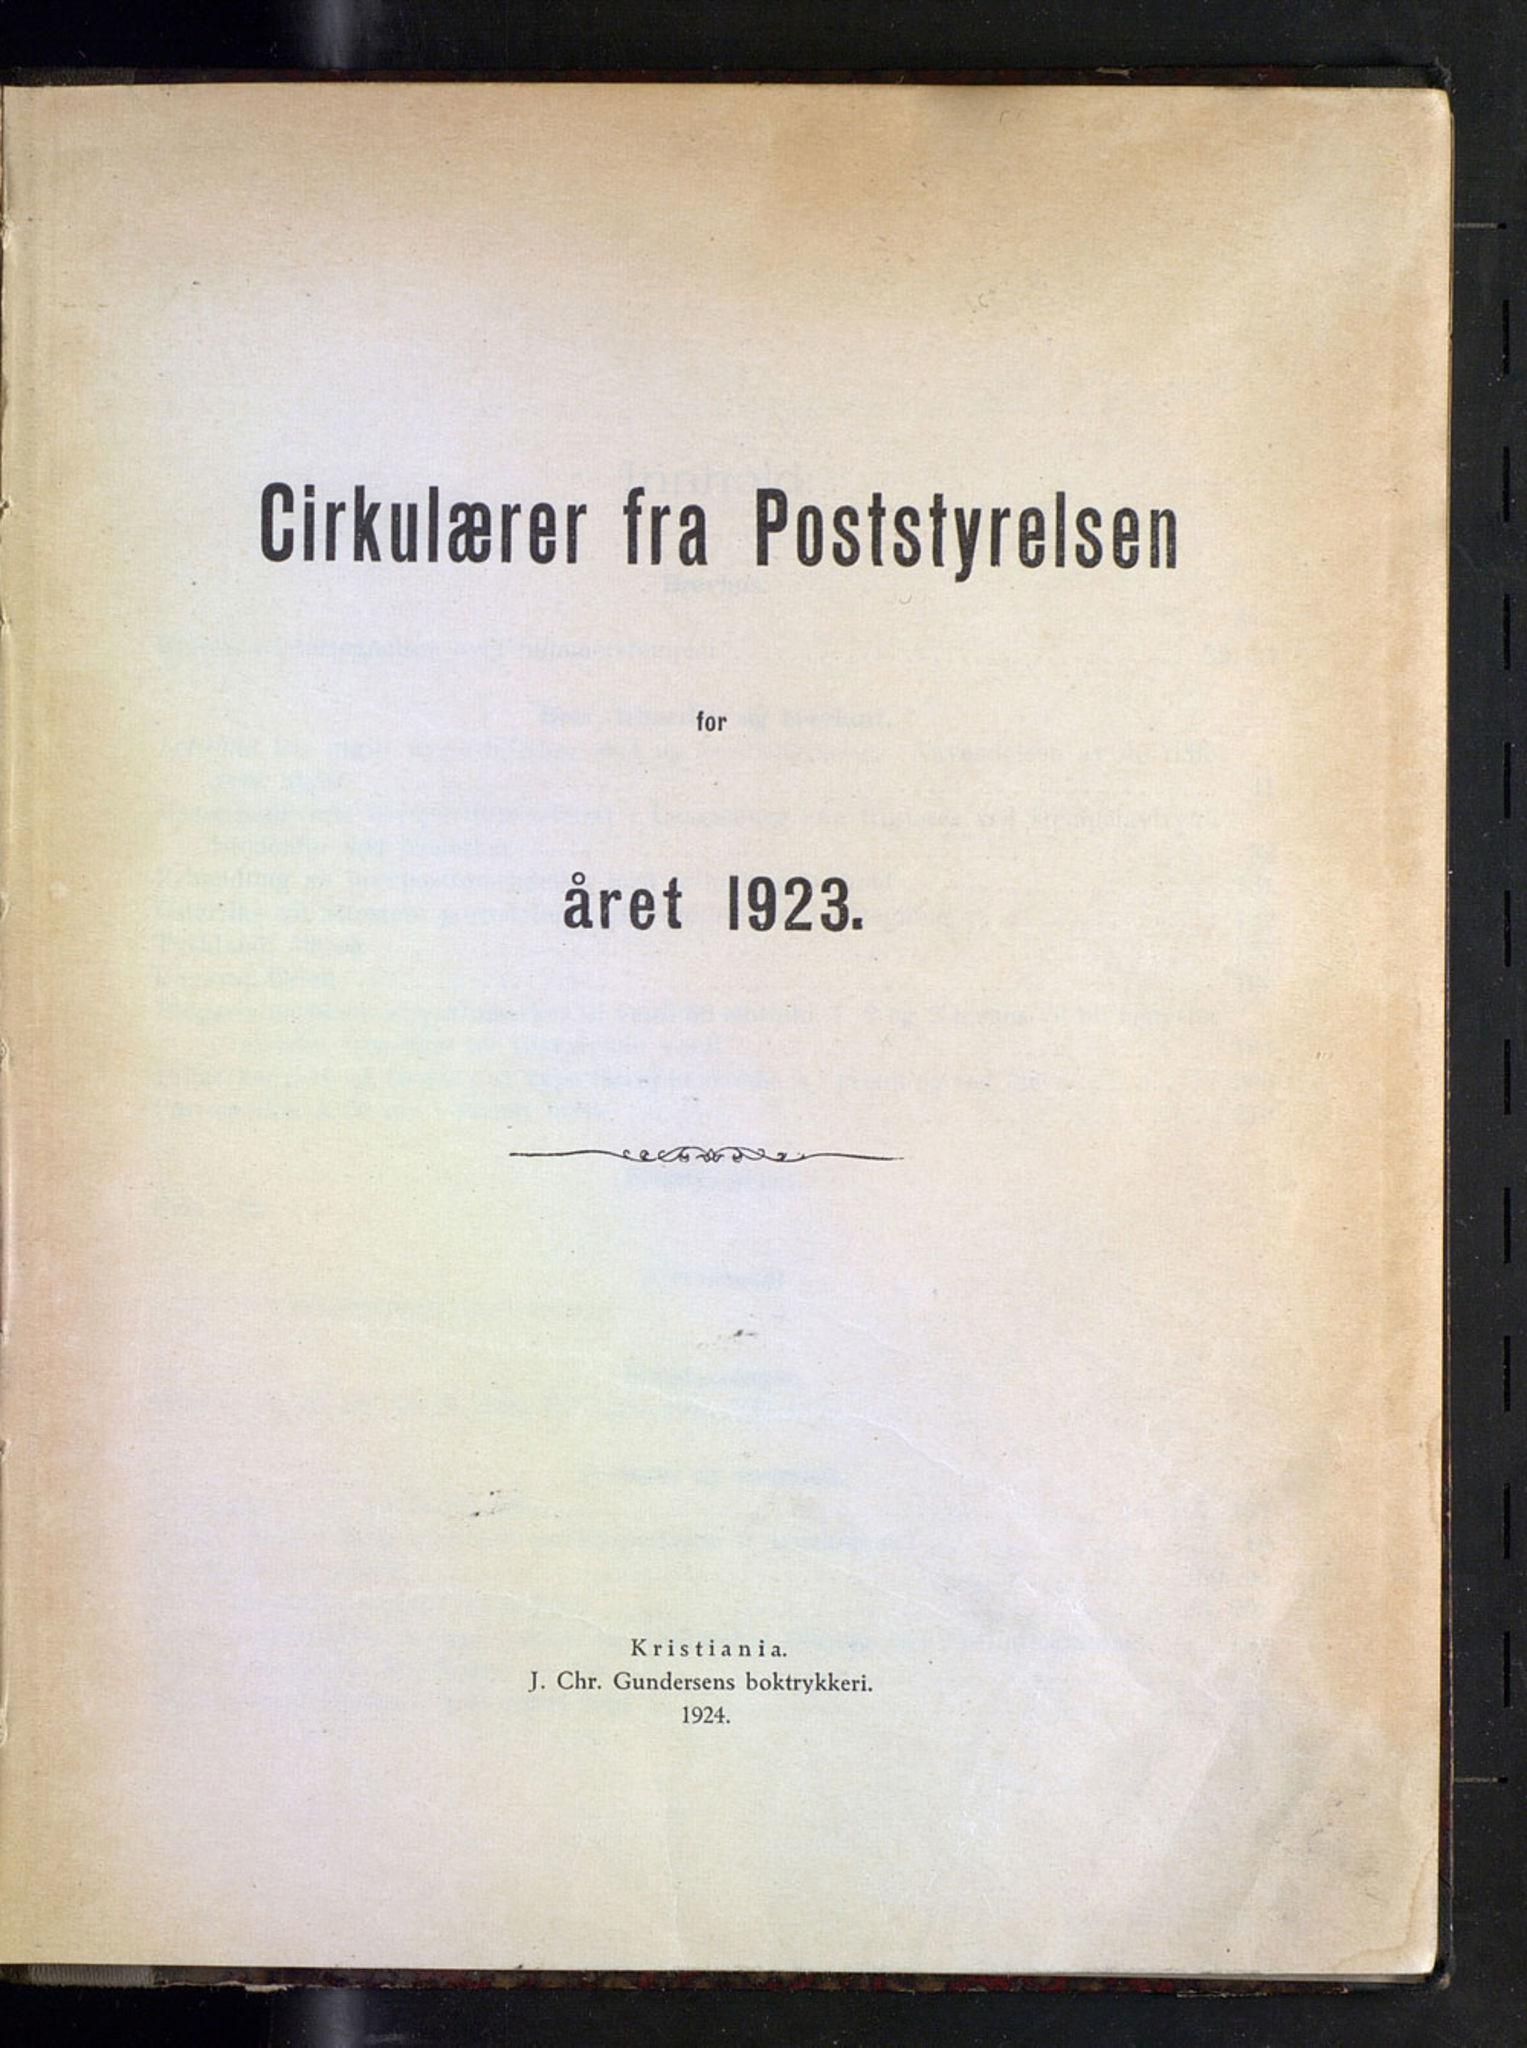 NOPO, Norges Postmuseums bibliotek, -/-: Sirkulærer fra Poststyrelsen, 1923